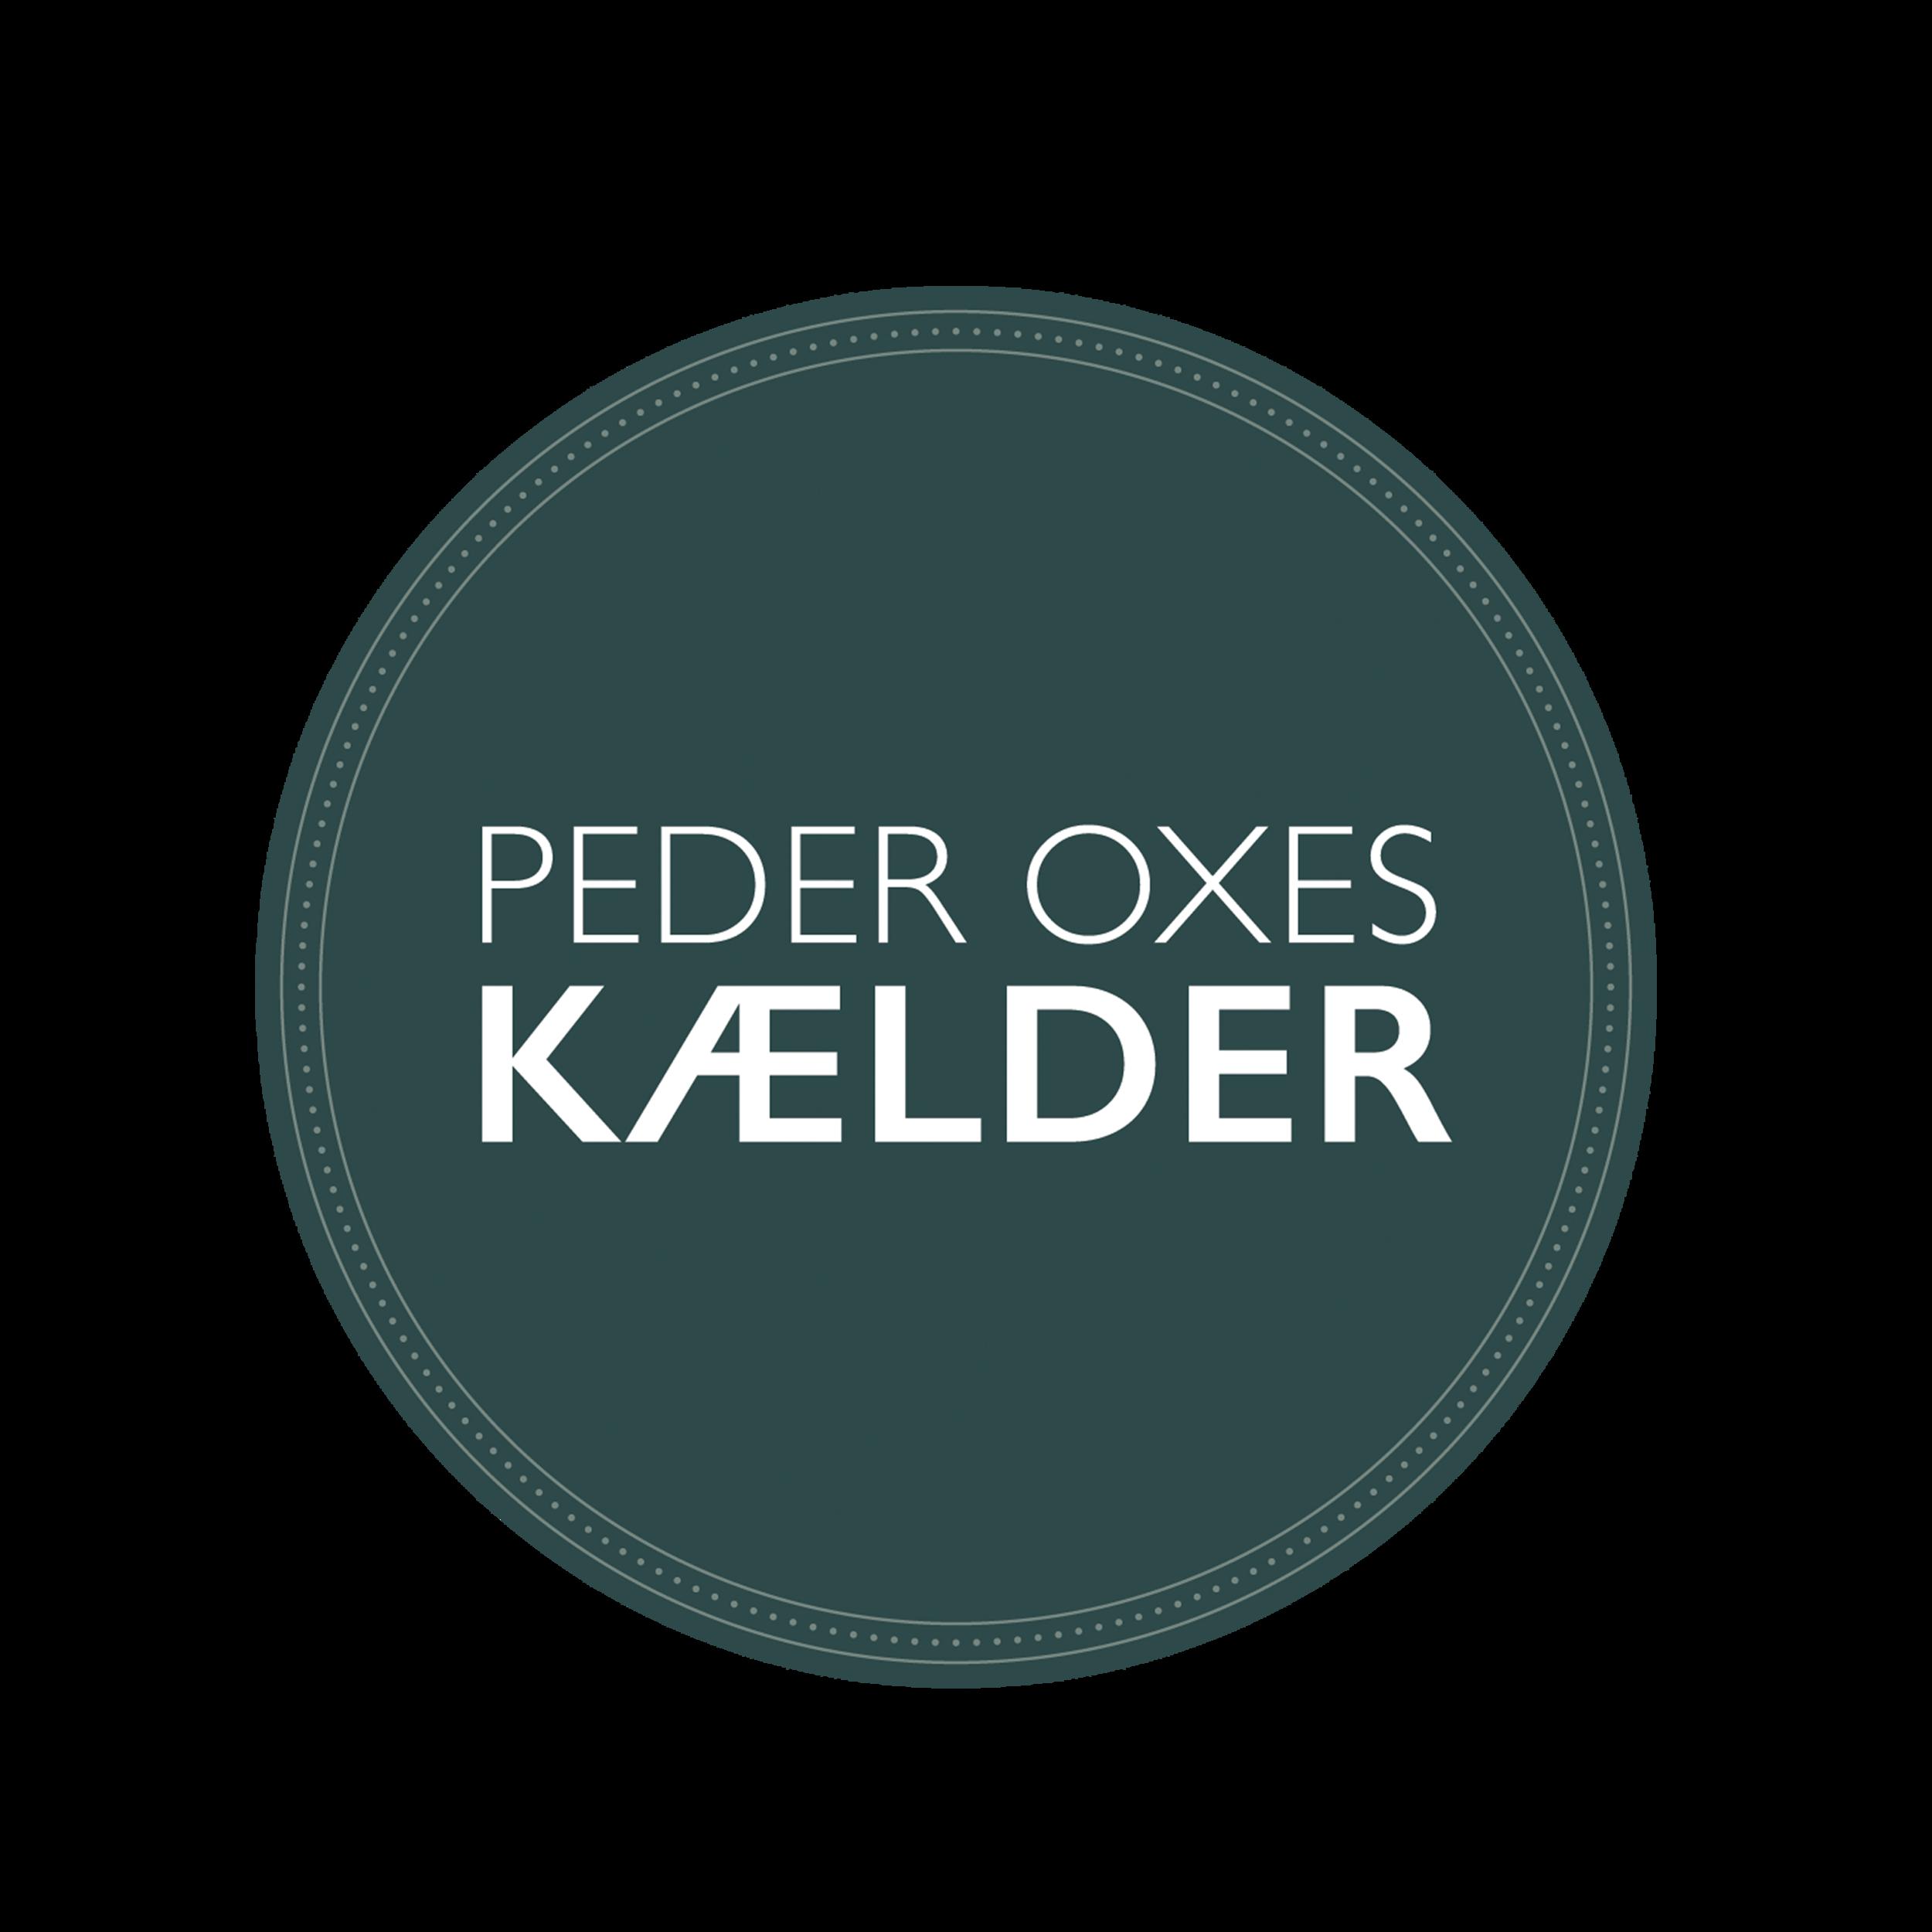 Peder Oxes Kælder